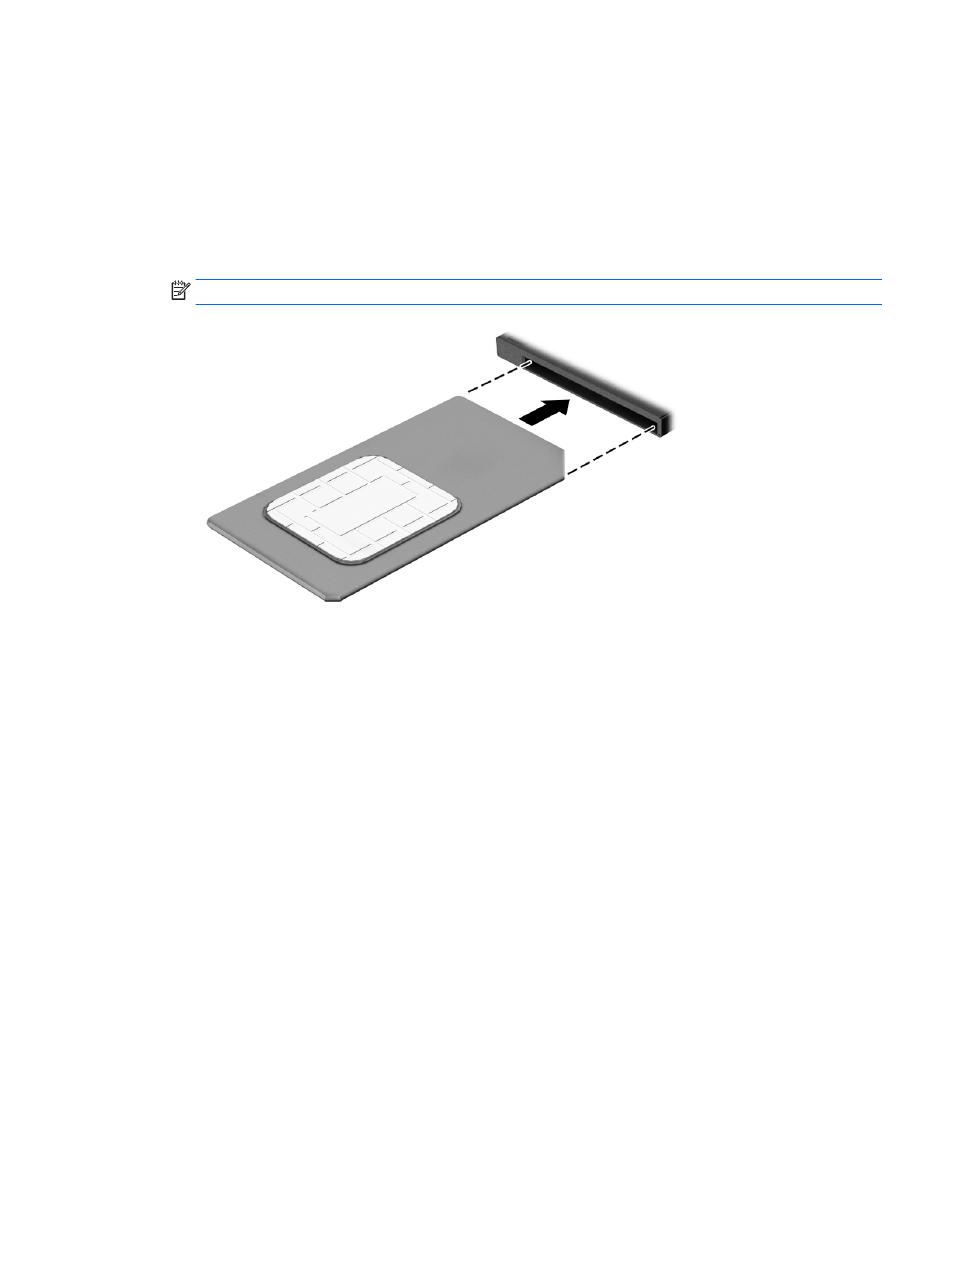 hp elitebook 745 user manual